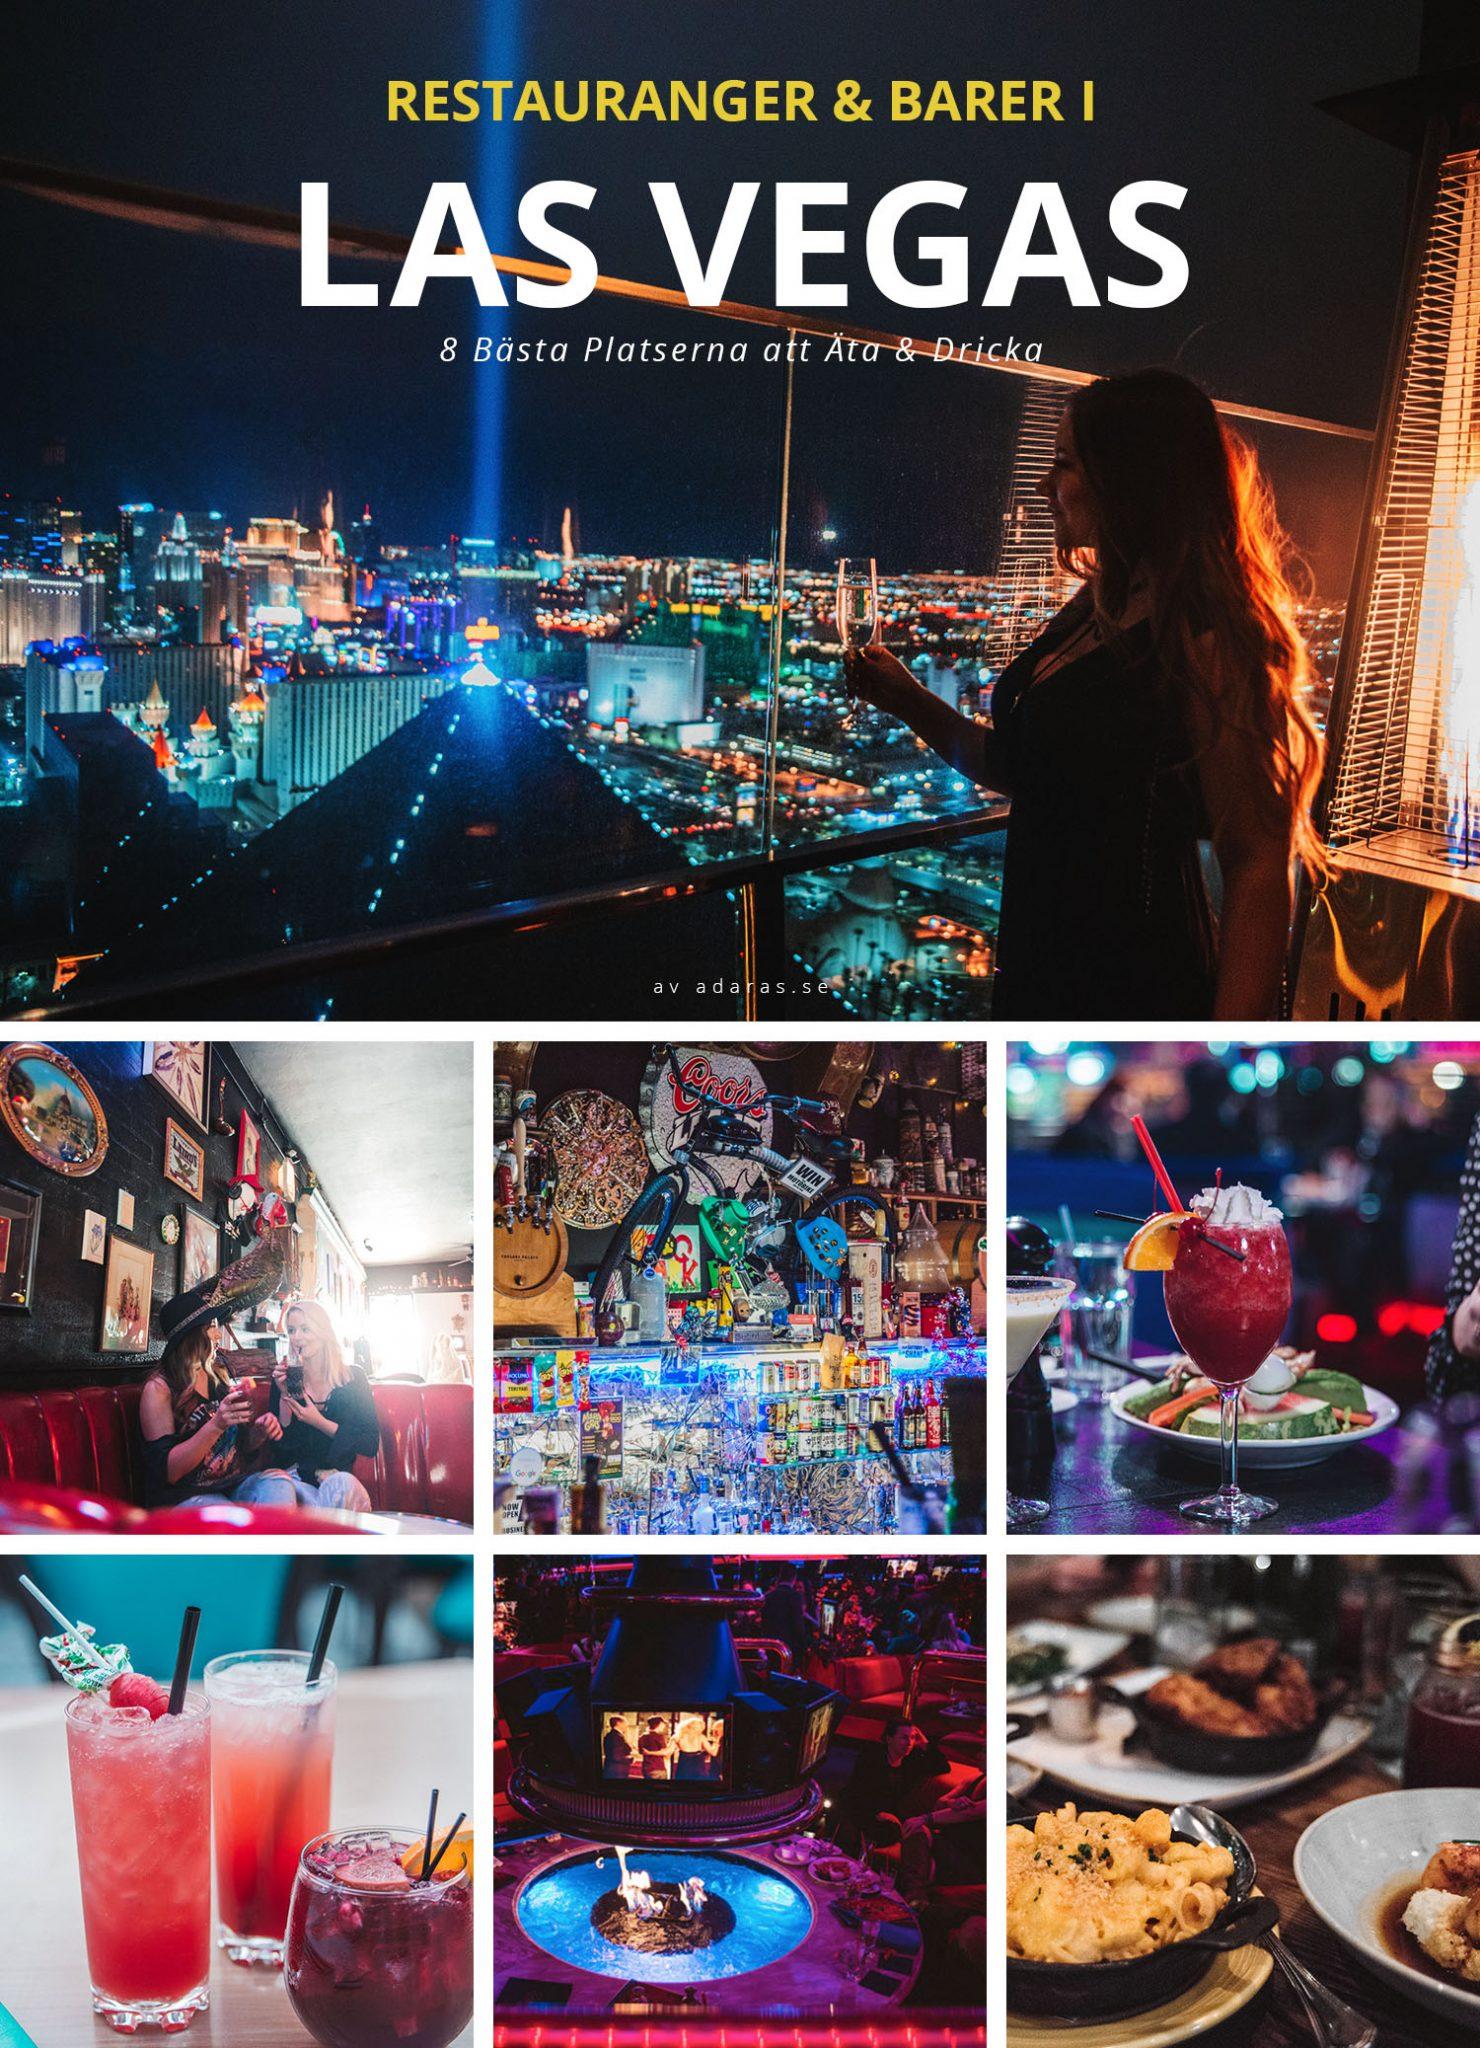 Bästa Barerna & Restaurangerna i Las Vegas - Guide till prisvärda WOW-platser att Äta & Dricka i Vegas